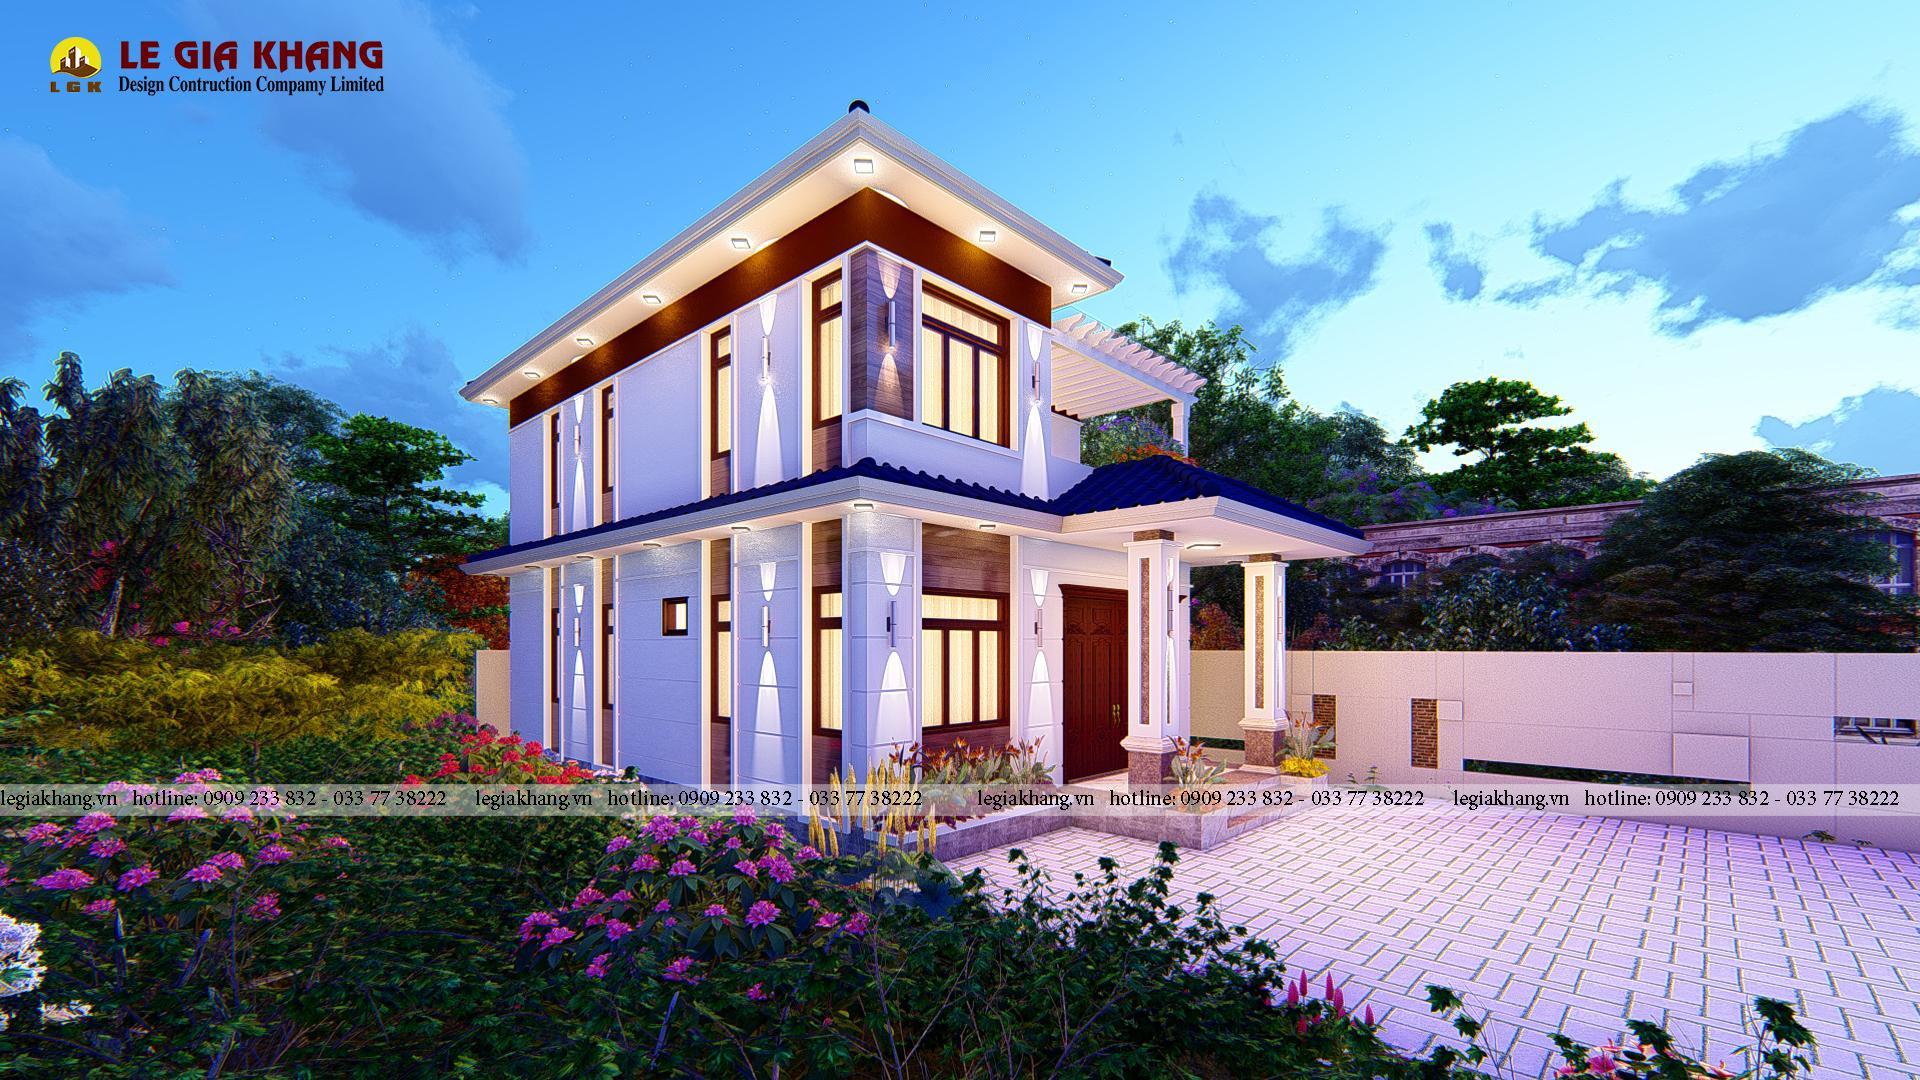 Nhà Phố Biên Hòa - Nhà Mái Nhật 1